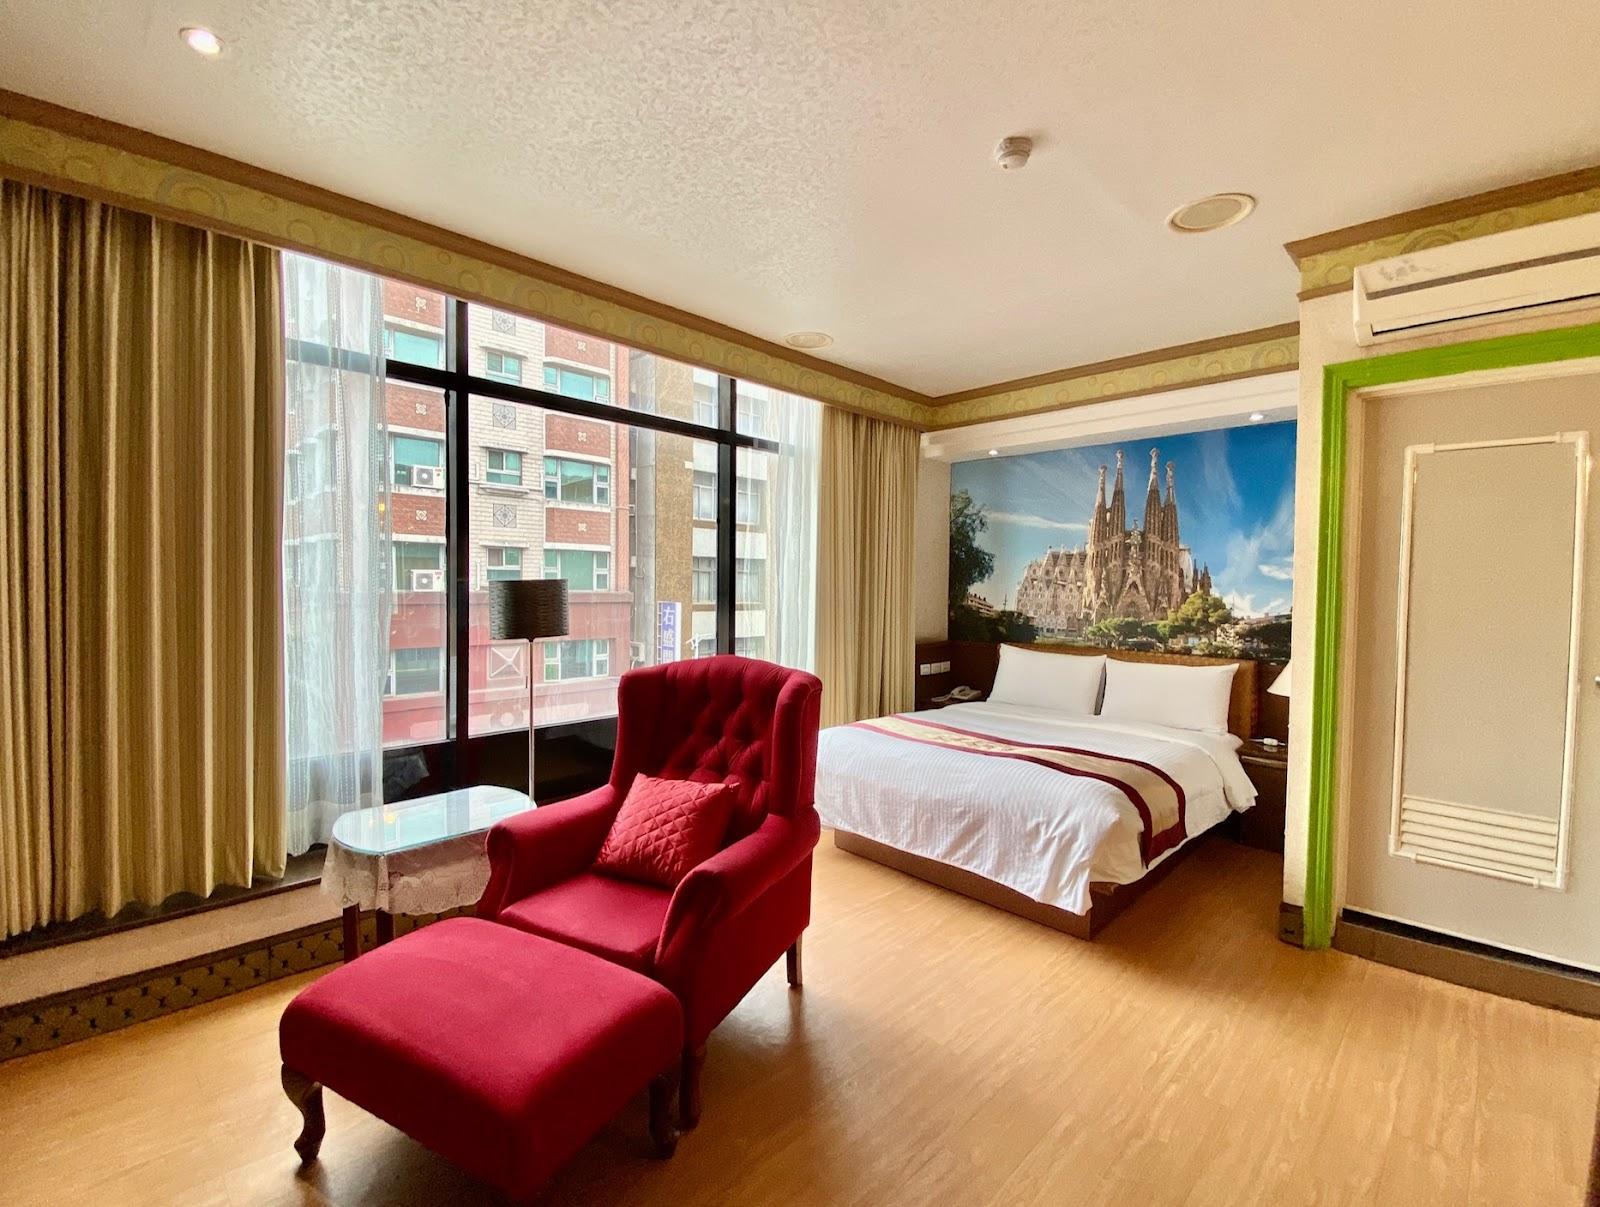 文賓大飯店豪華雙人房